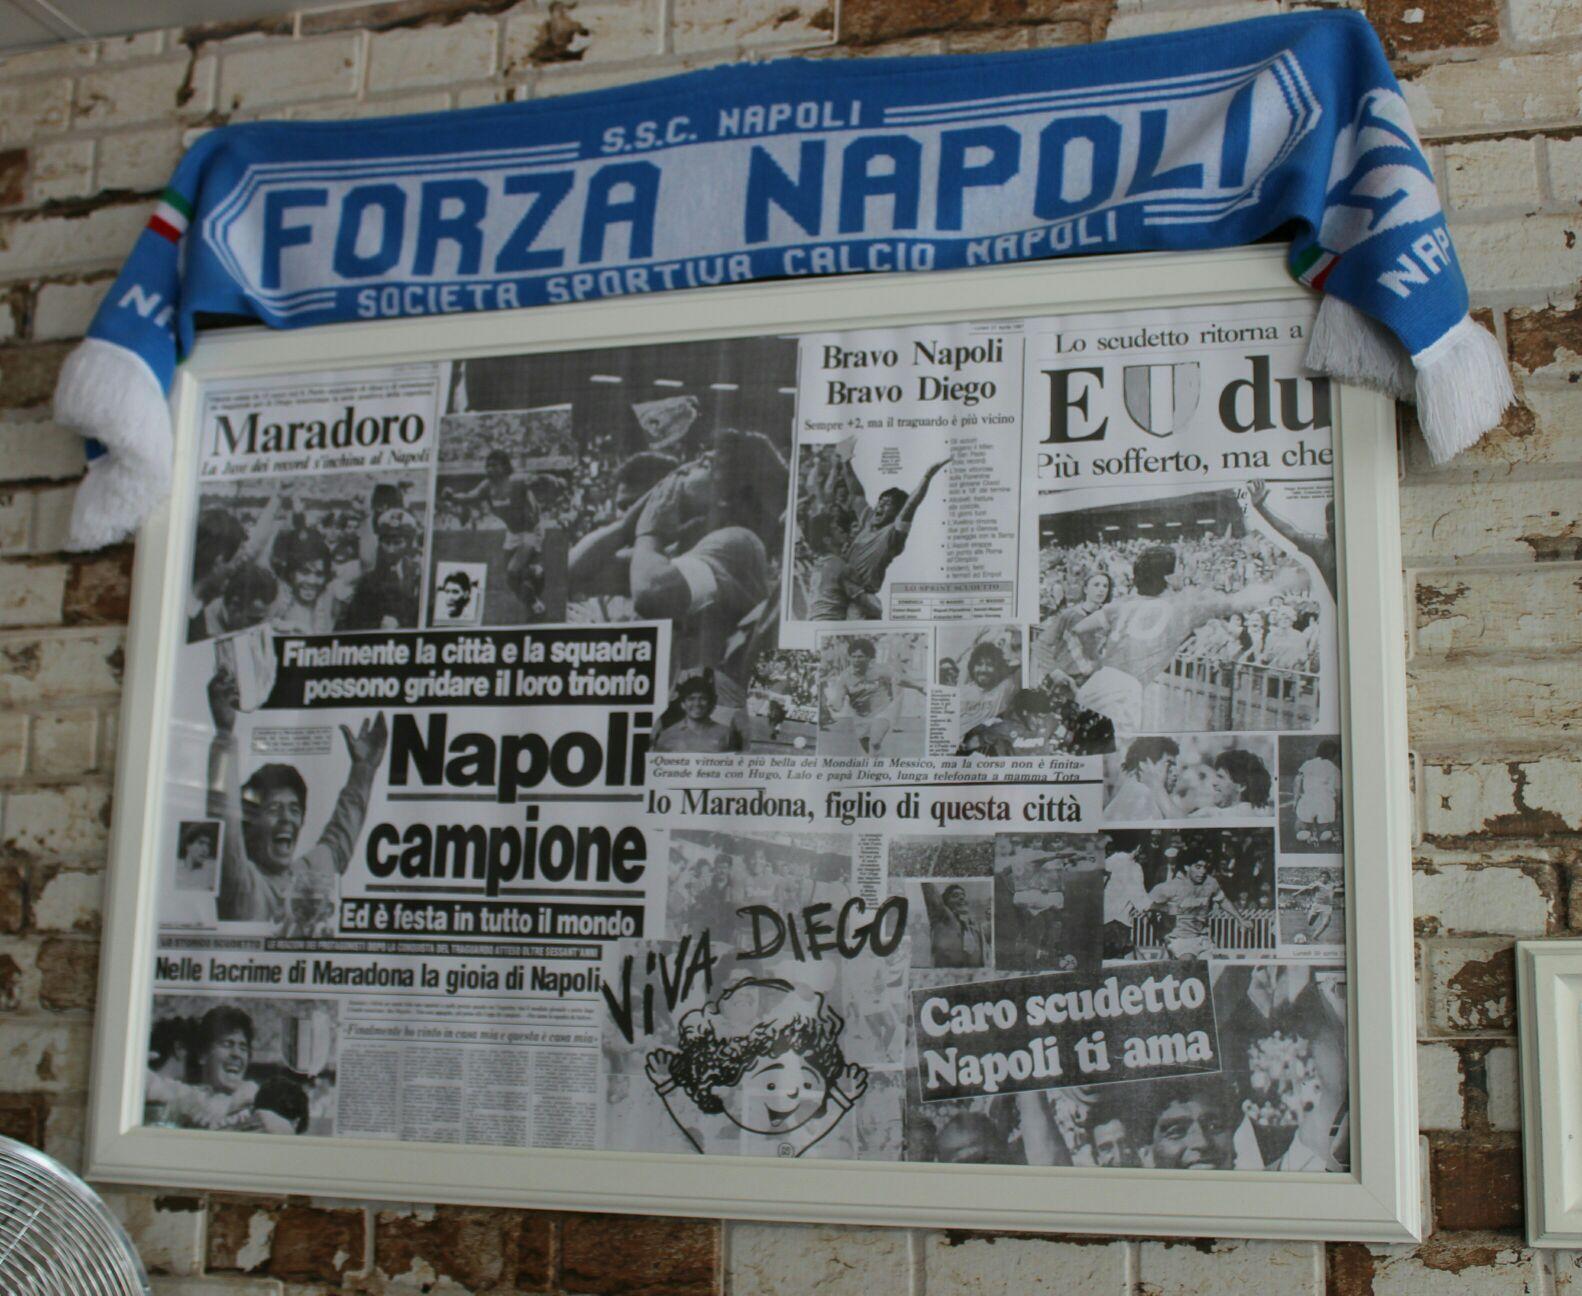 Shrine to Napoli and Maradona